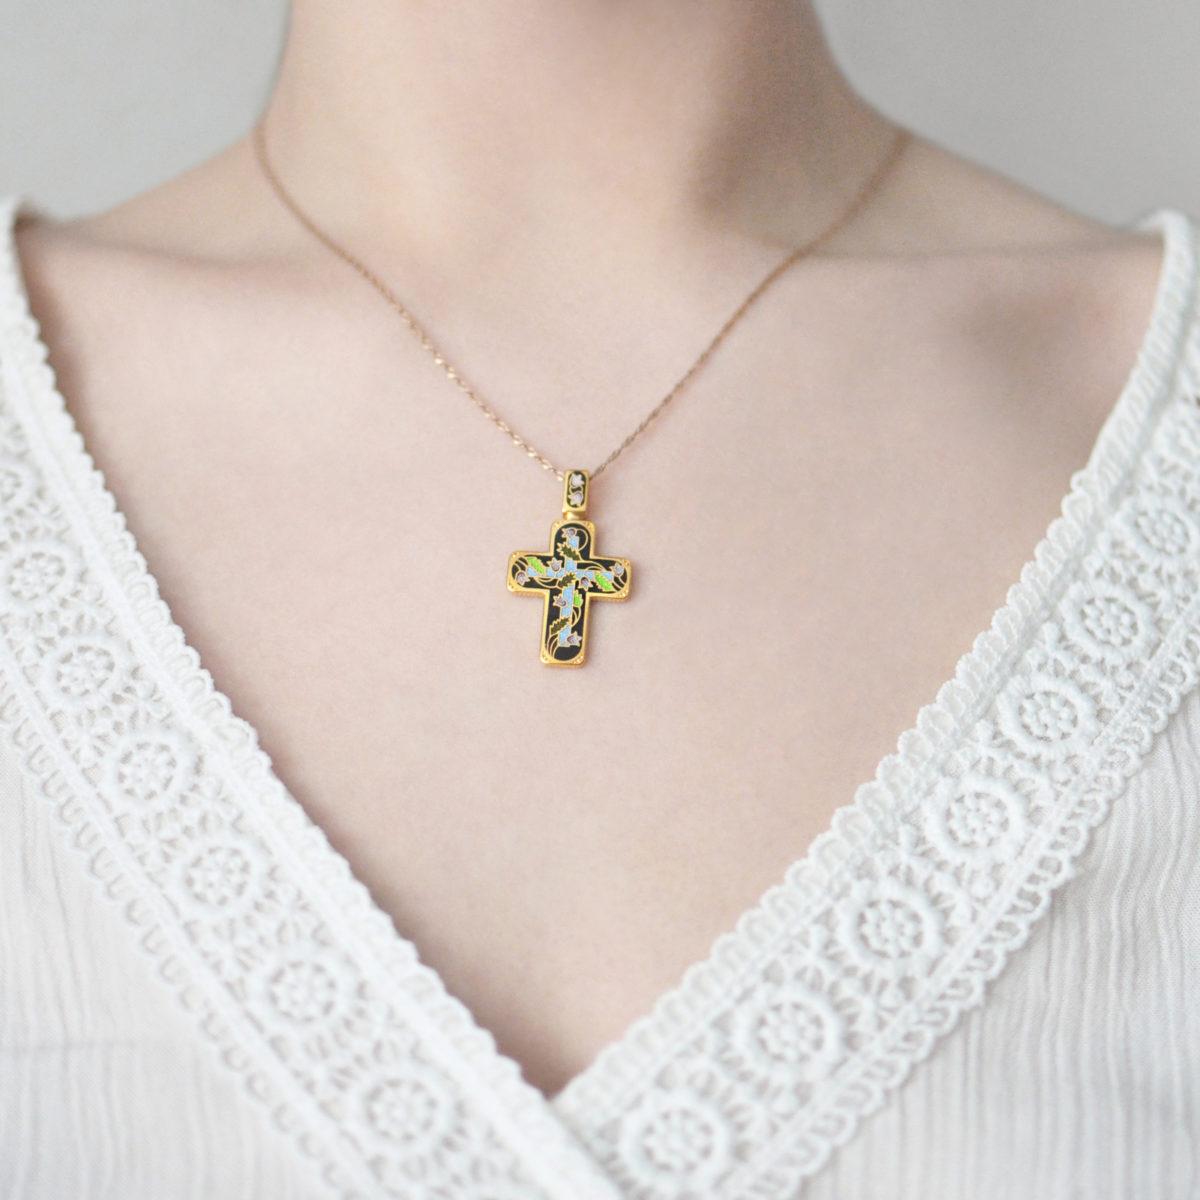 zolochenie chernaya 1200x1200 - Нательный крест из серебра «Спас на крови» (золочение), черный